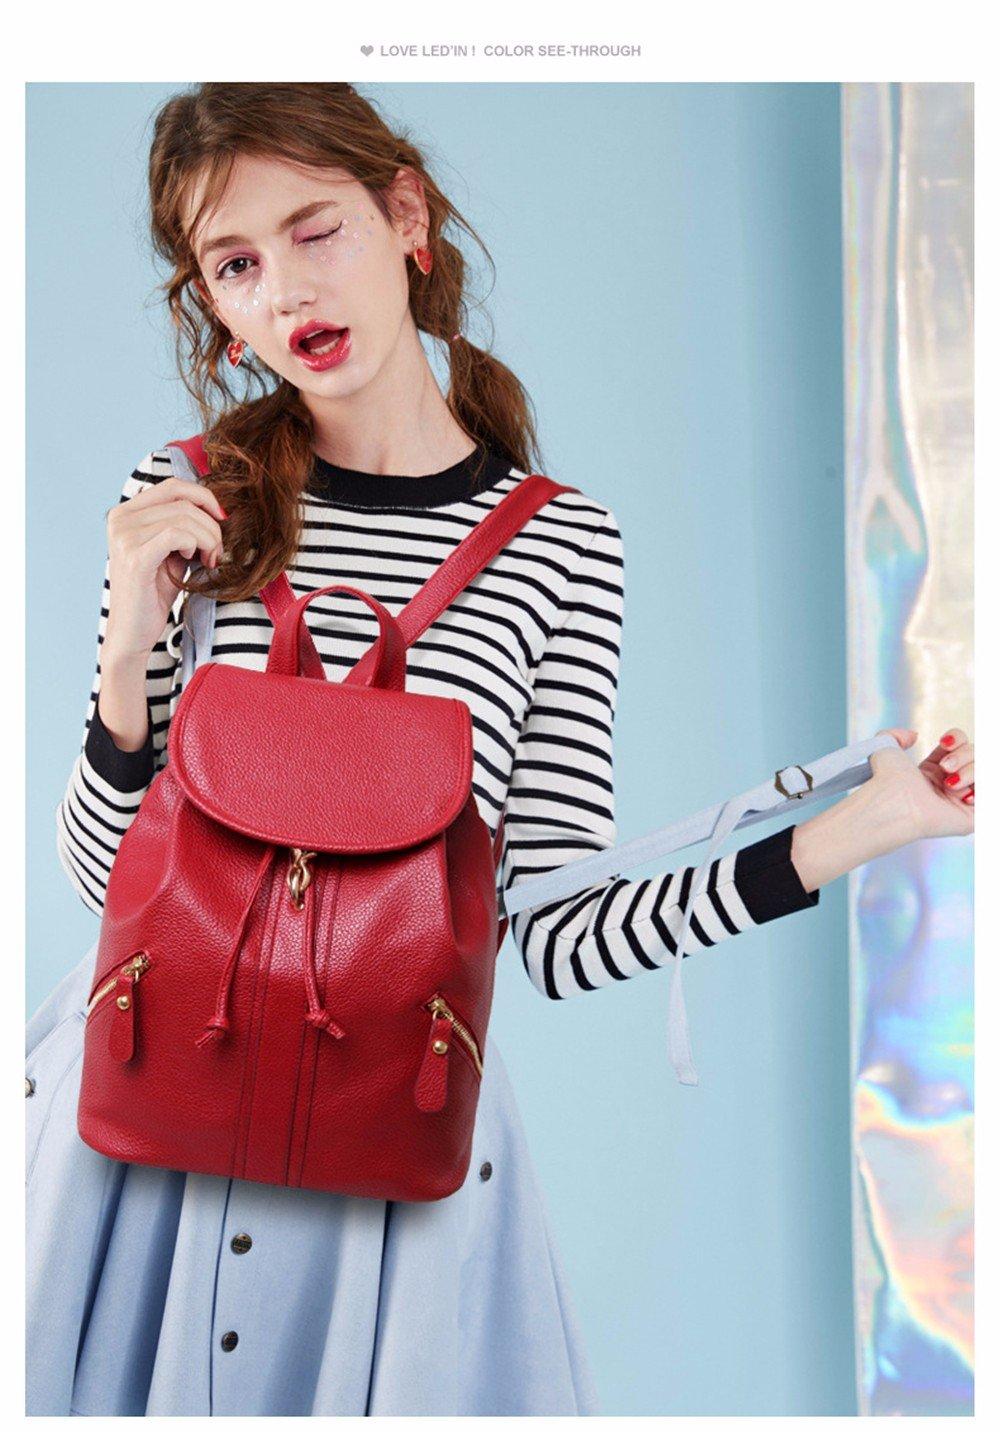 WanJiaherrenhop Lady Double Shoulder Bag Fashion Double Lady Double Fashion Shoulder Bag College Wind große Kapazität Schultasche 430f7d